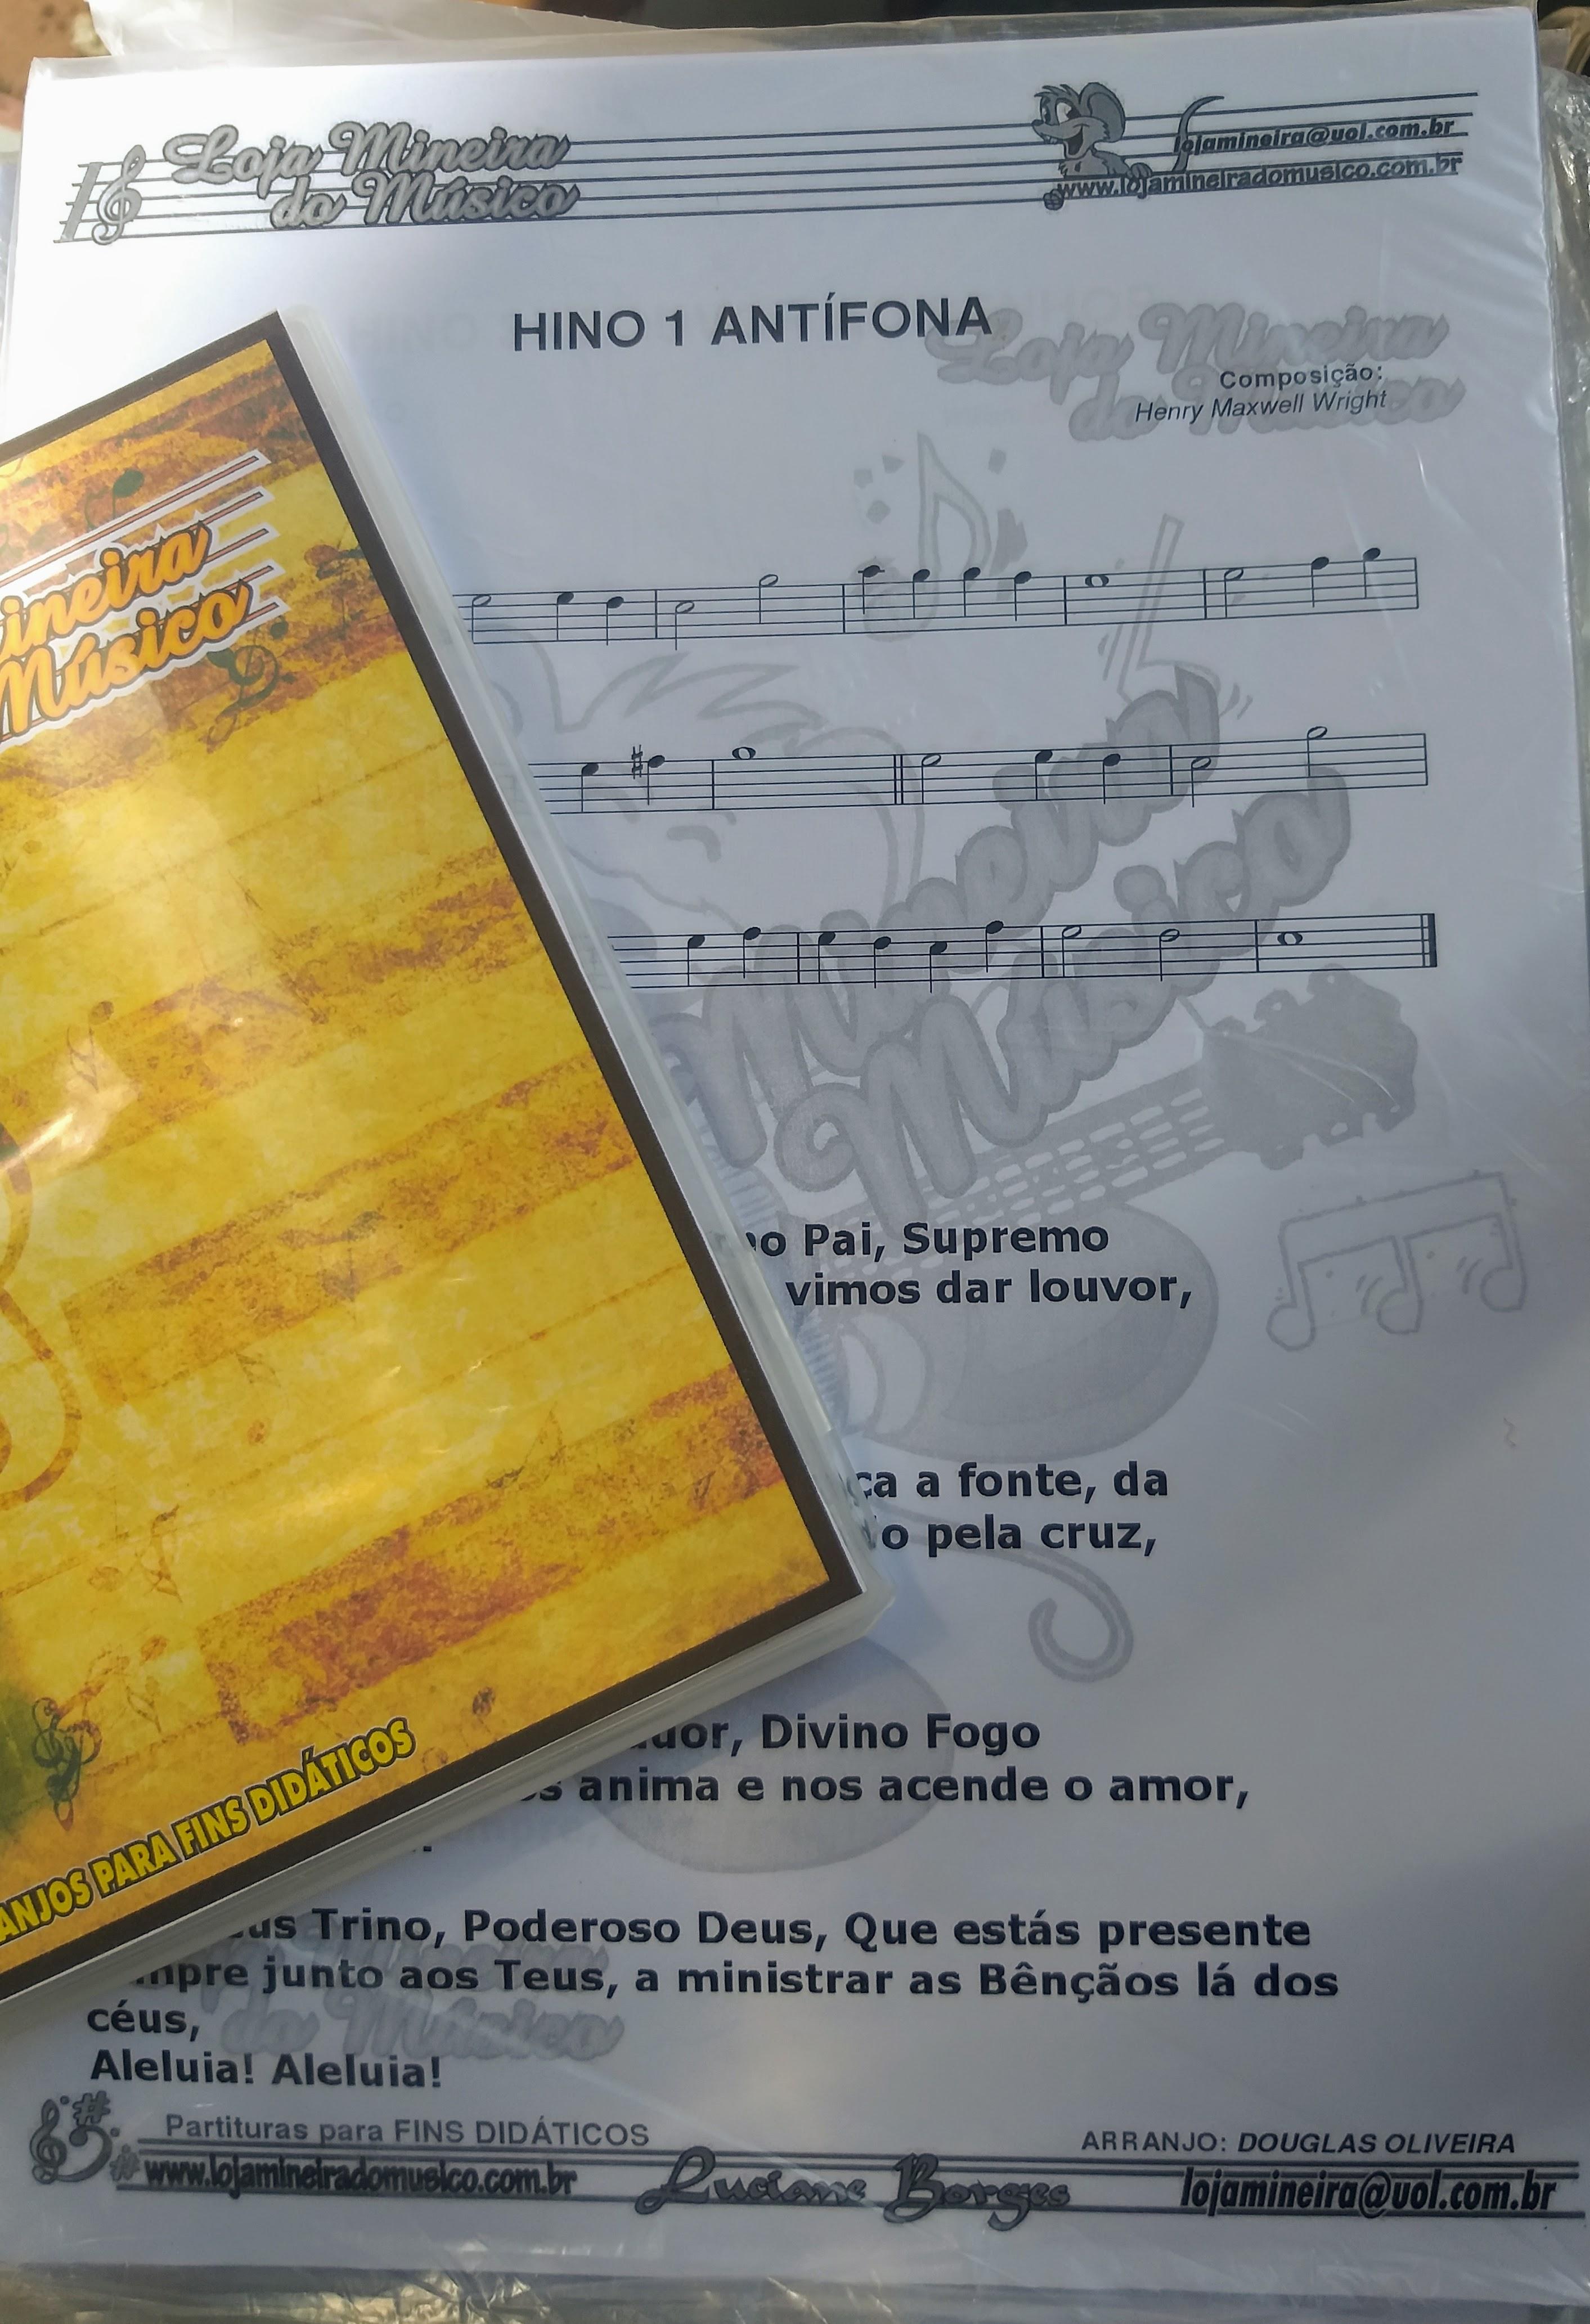 Coletânea Cantor Cristão Sax Alto Hinário cantor cristão com áudios e partituras  O Cantor Cristão é o segundo hinário mais importante na Música Evangélica.